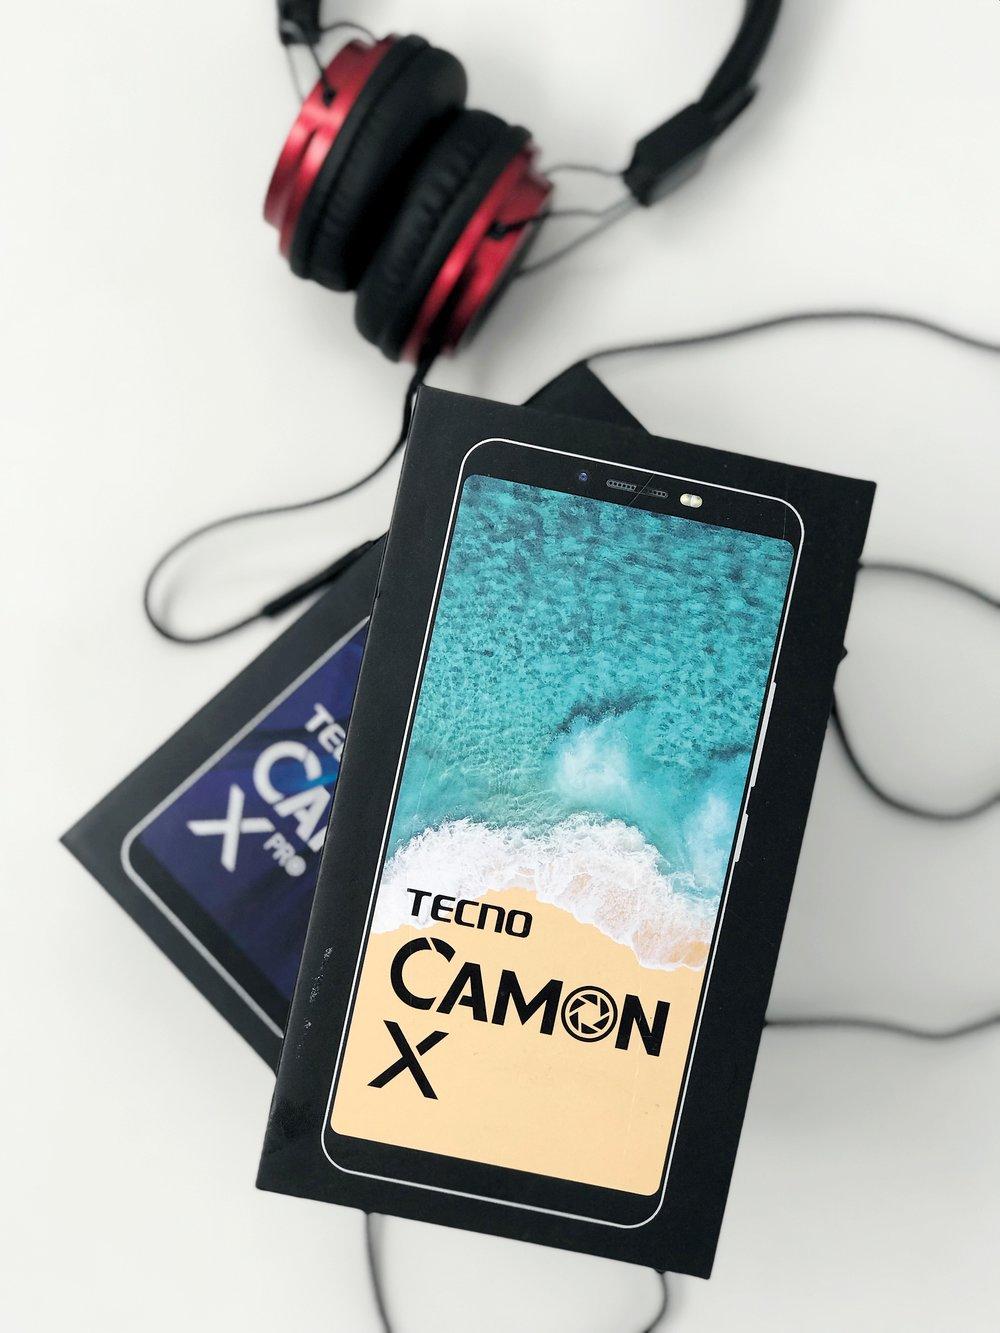 TECNO Camon X.